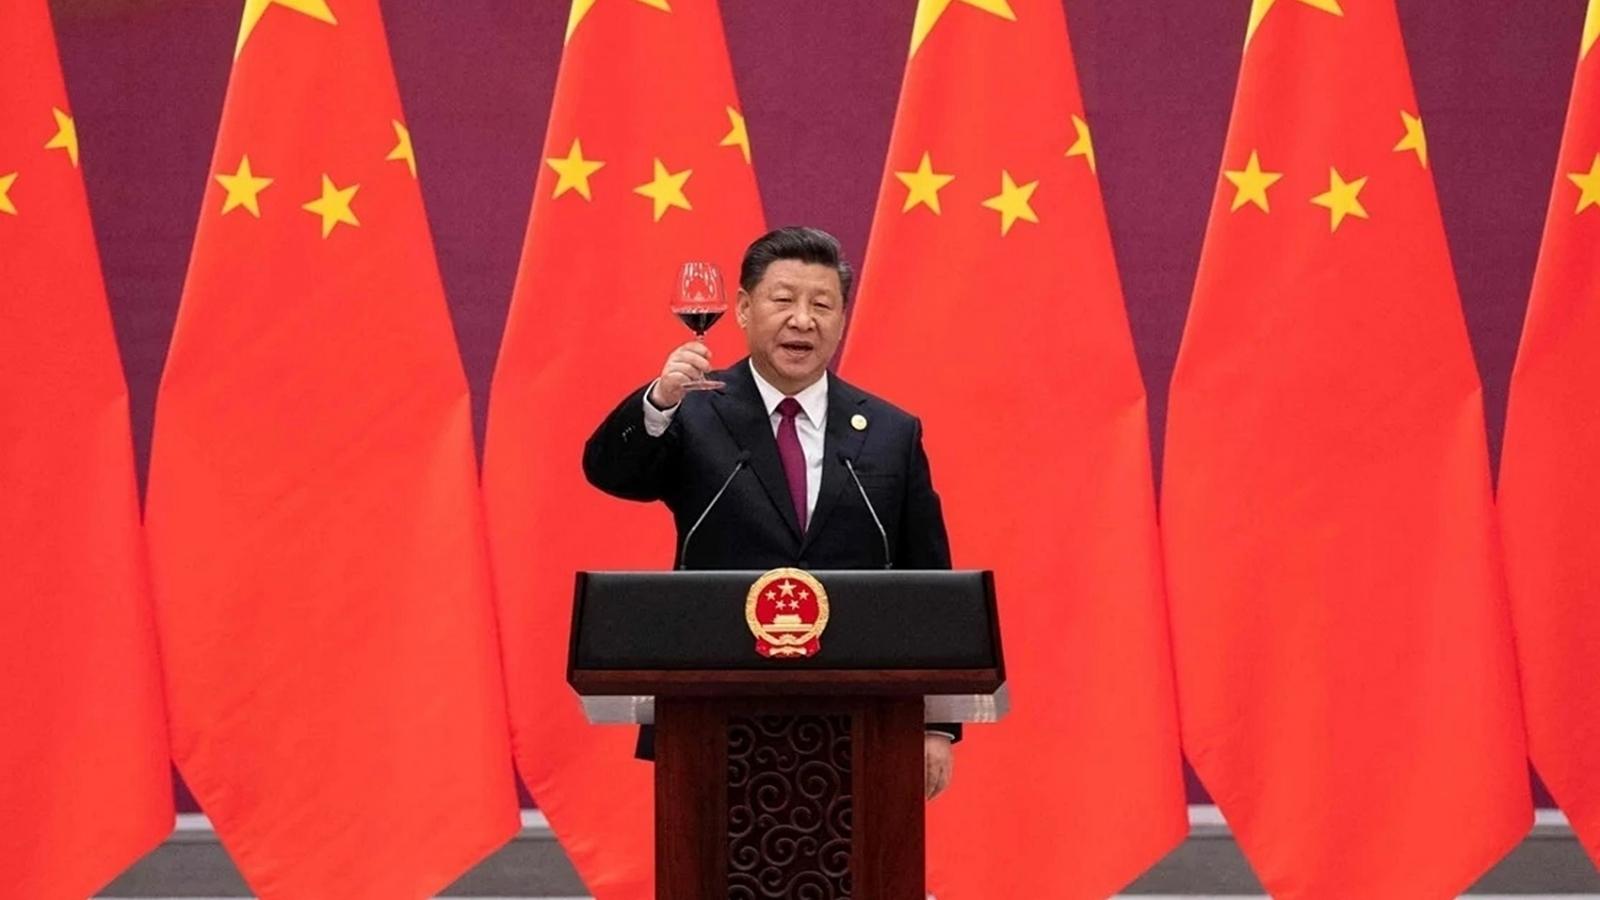 Trung Quốc vẫn chưa từ bỏ chính sách ngoại giao chiến lang?